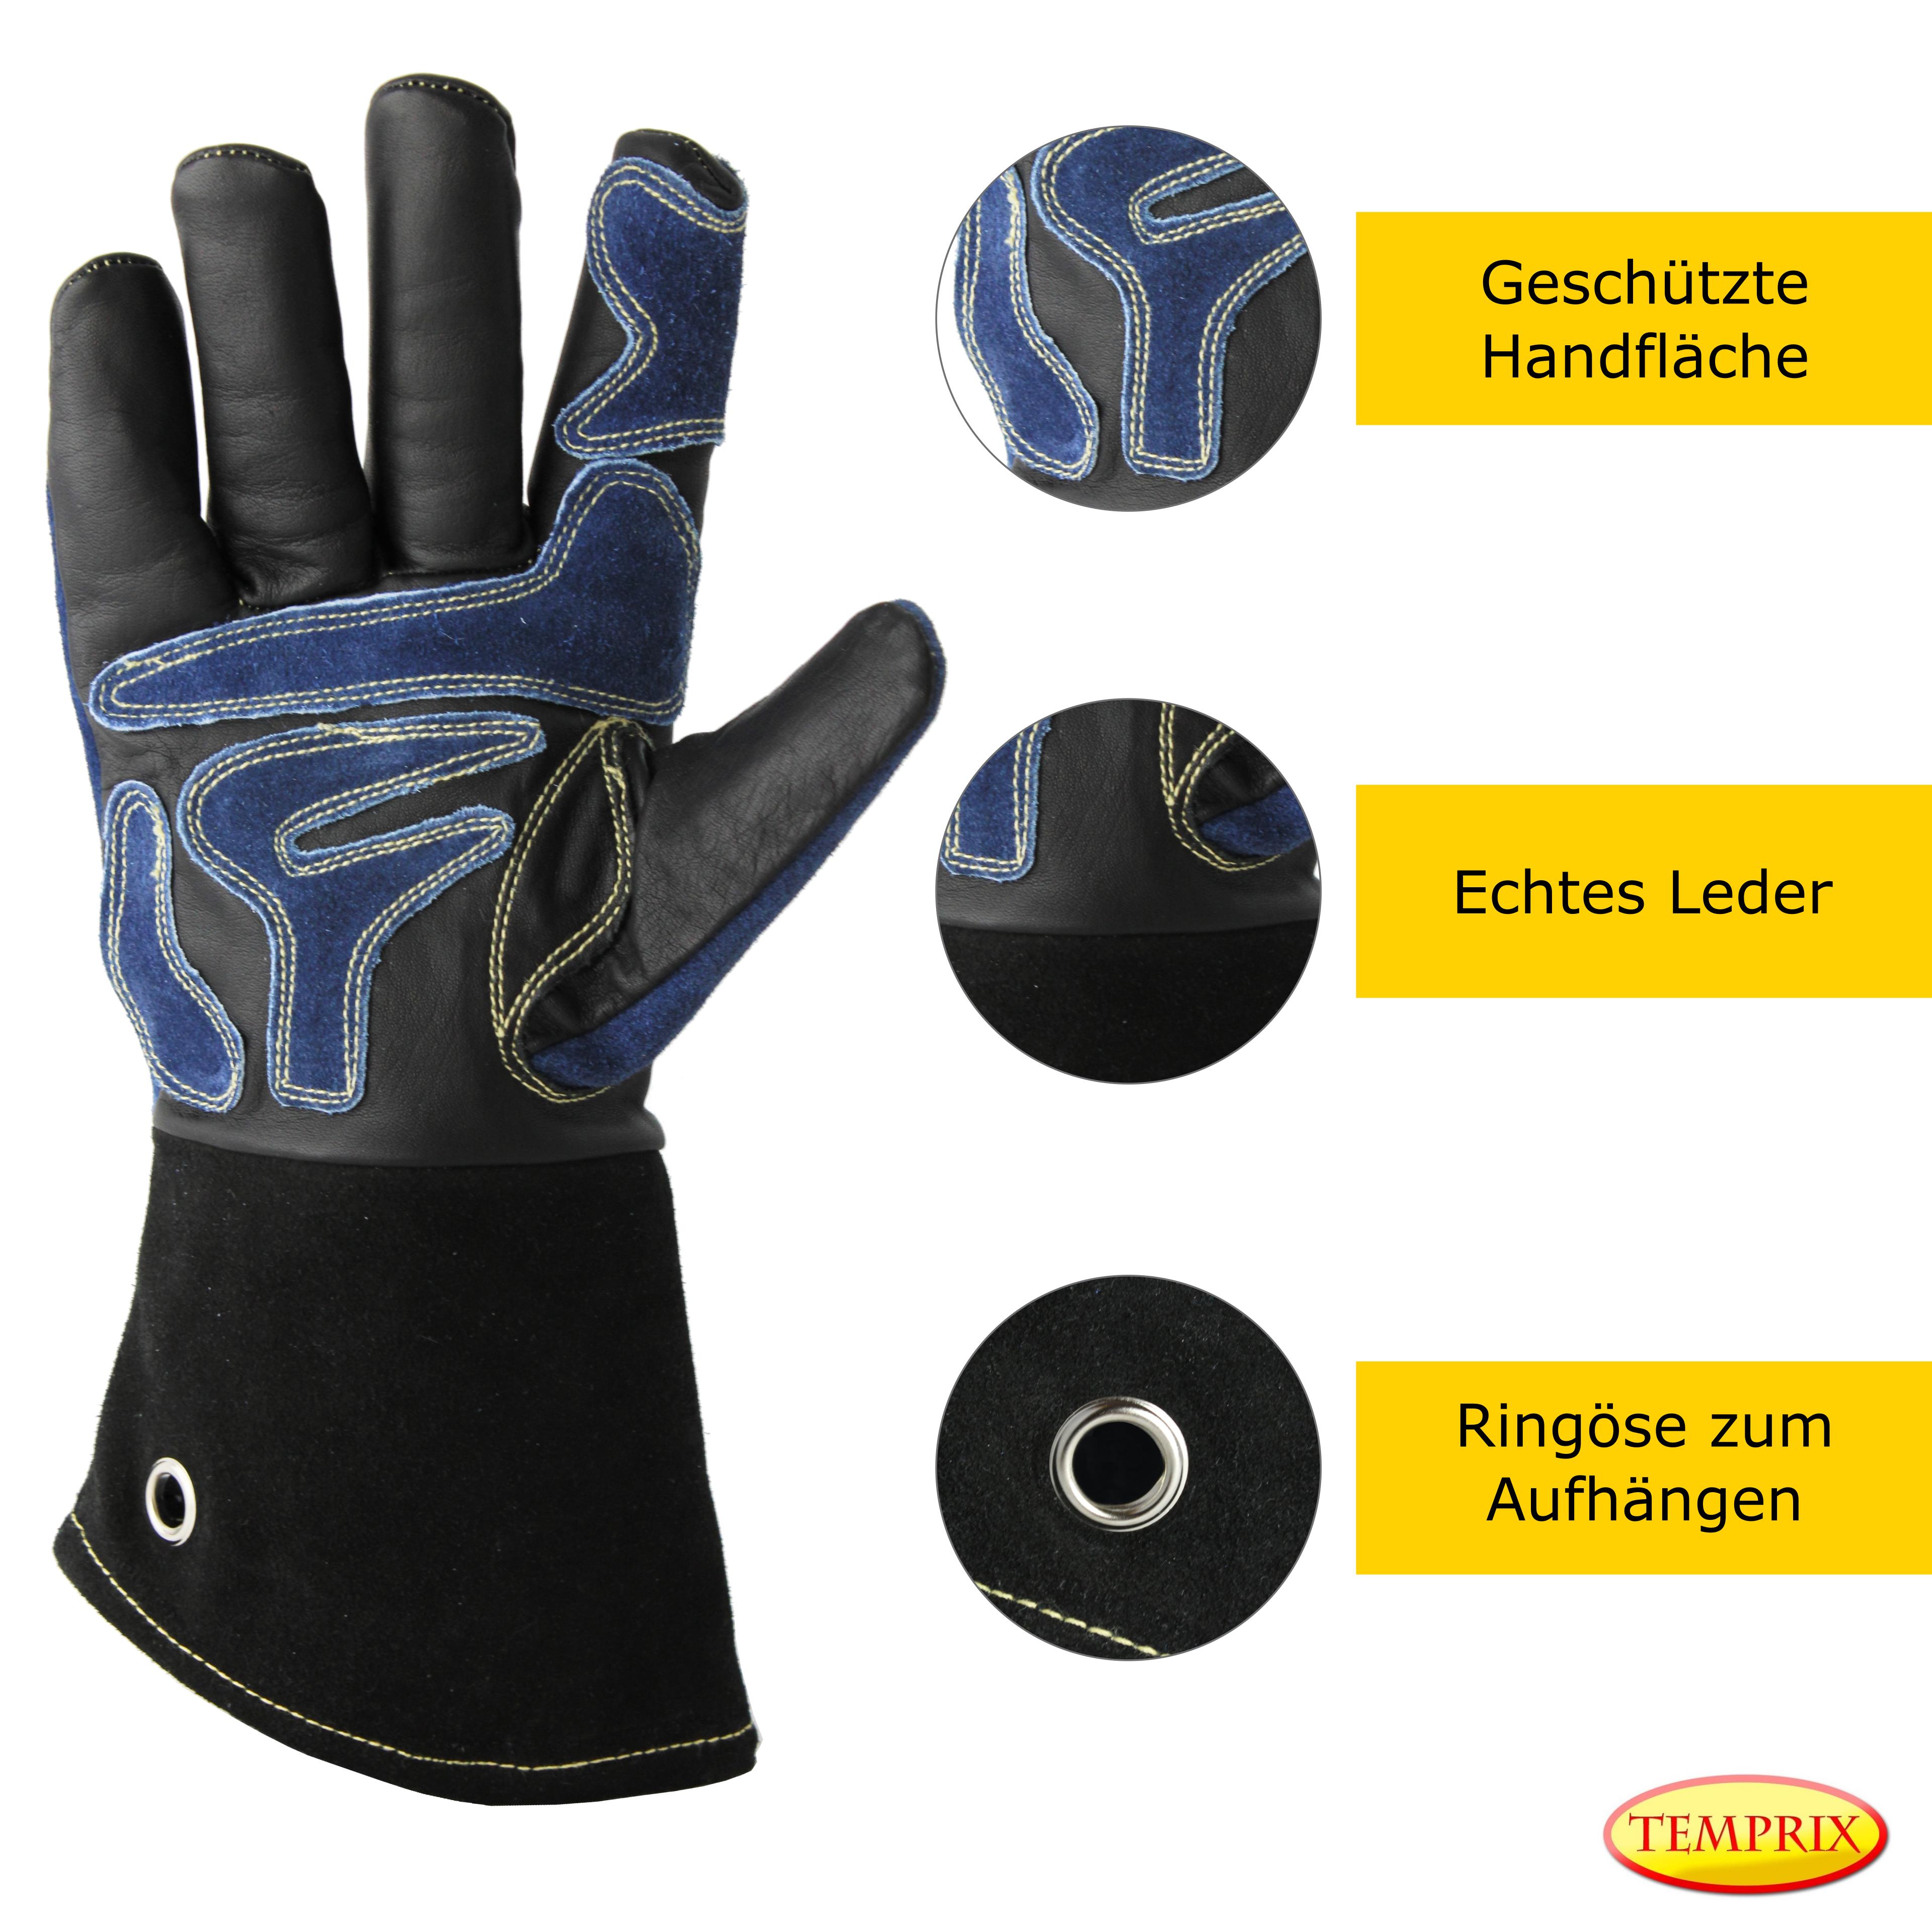 Grillhandschuhe Kaminhandschuhe Back Handschuhe Echtleder hitzebeständig Premium